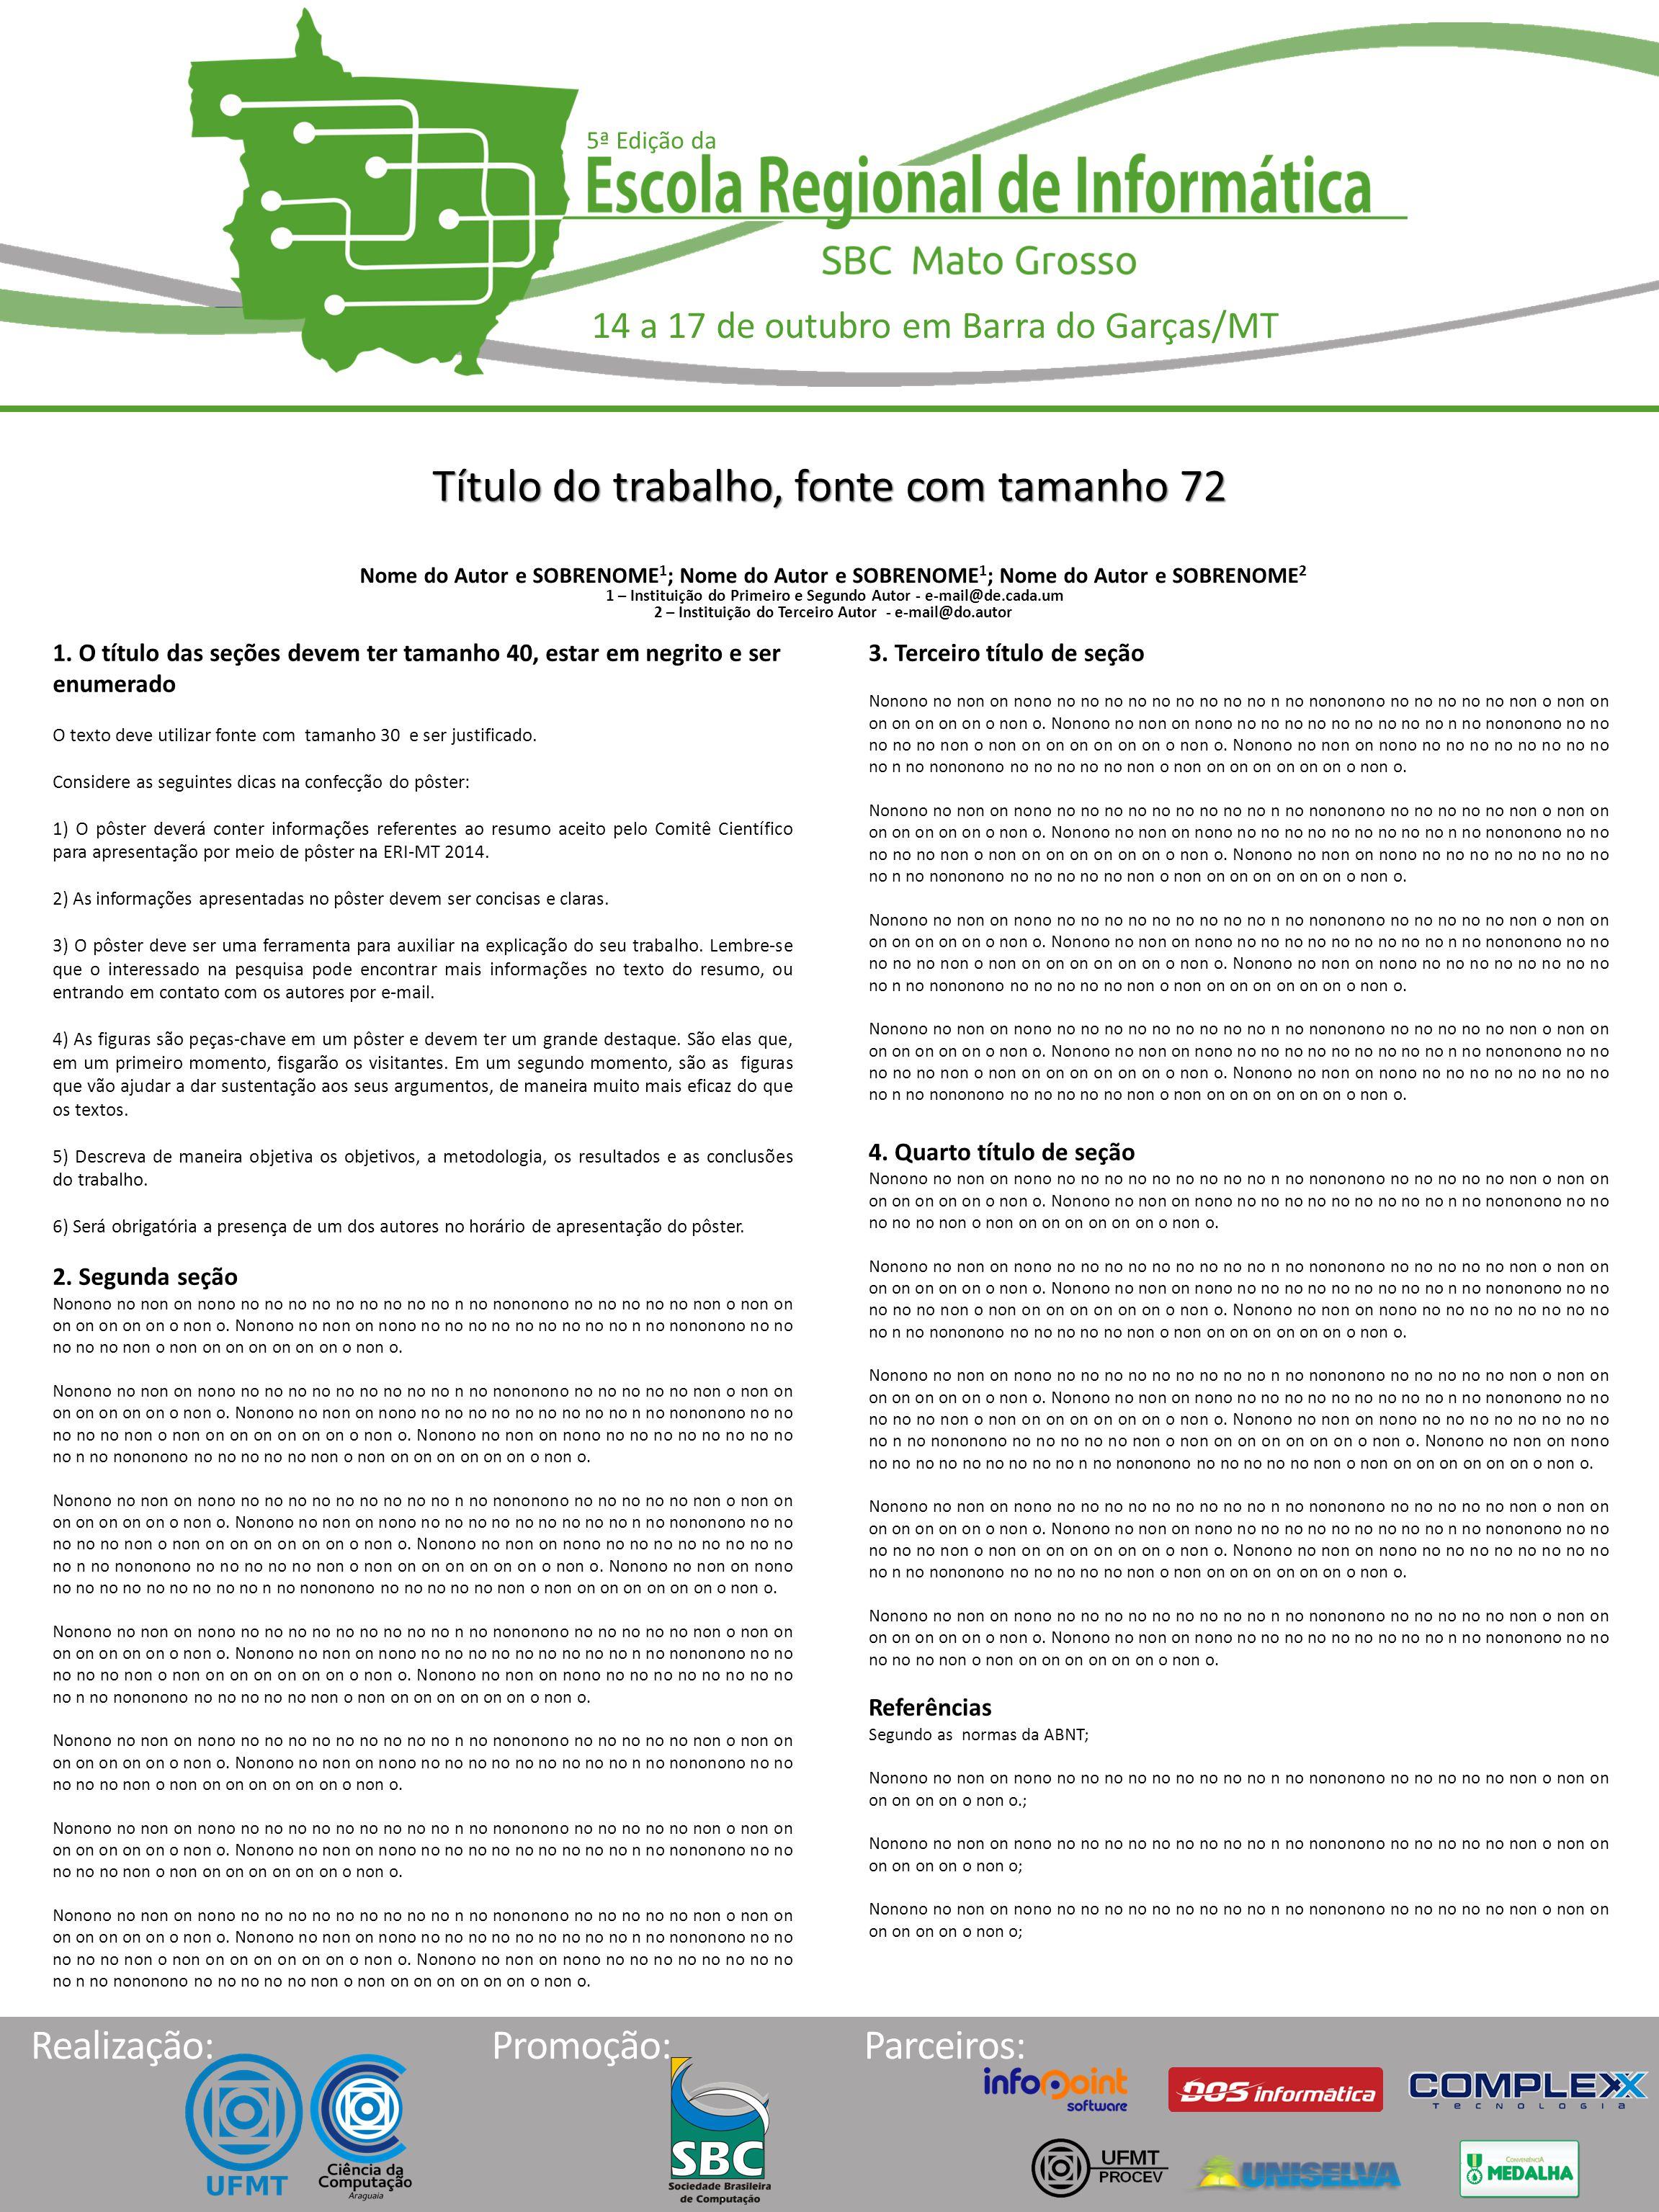 5ª Edição da 14 a 17 de outubro em Barra do Garças/MT Realização: Promoção:Parceiros: Título do trabalho, fonte com tamanho 72 1.